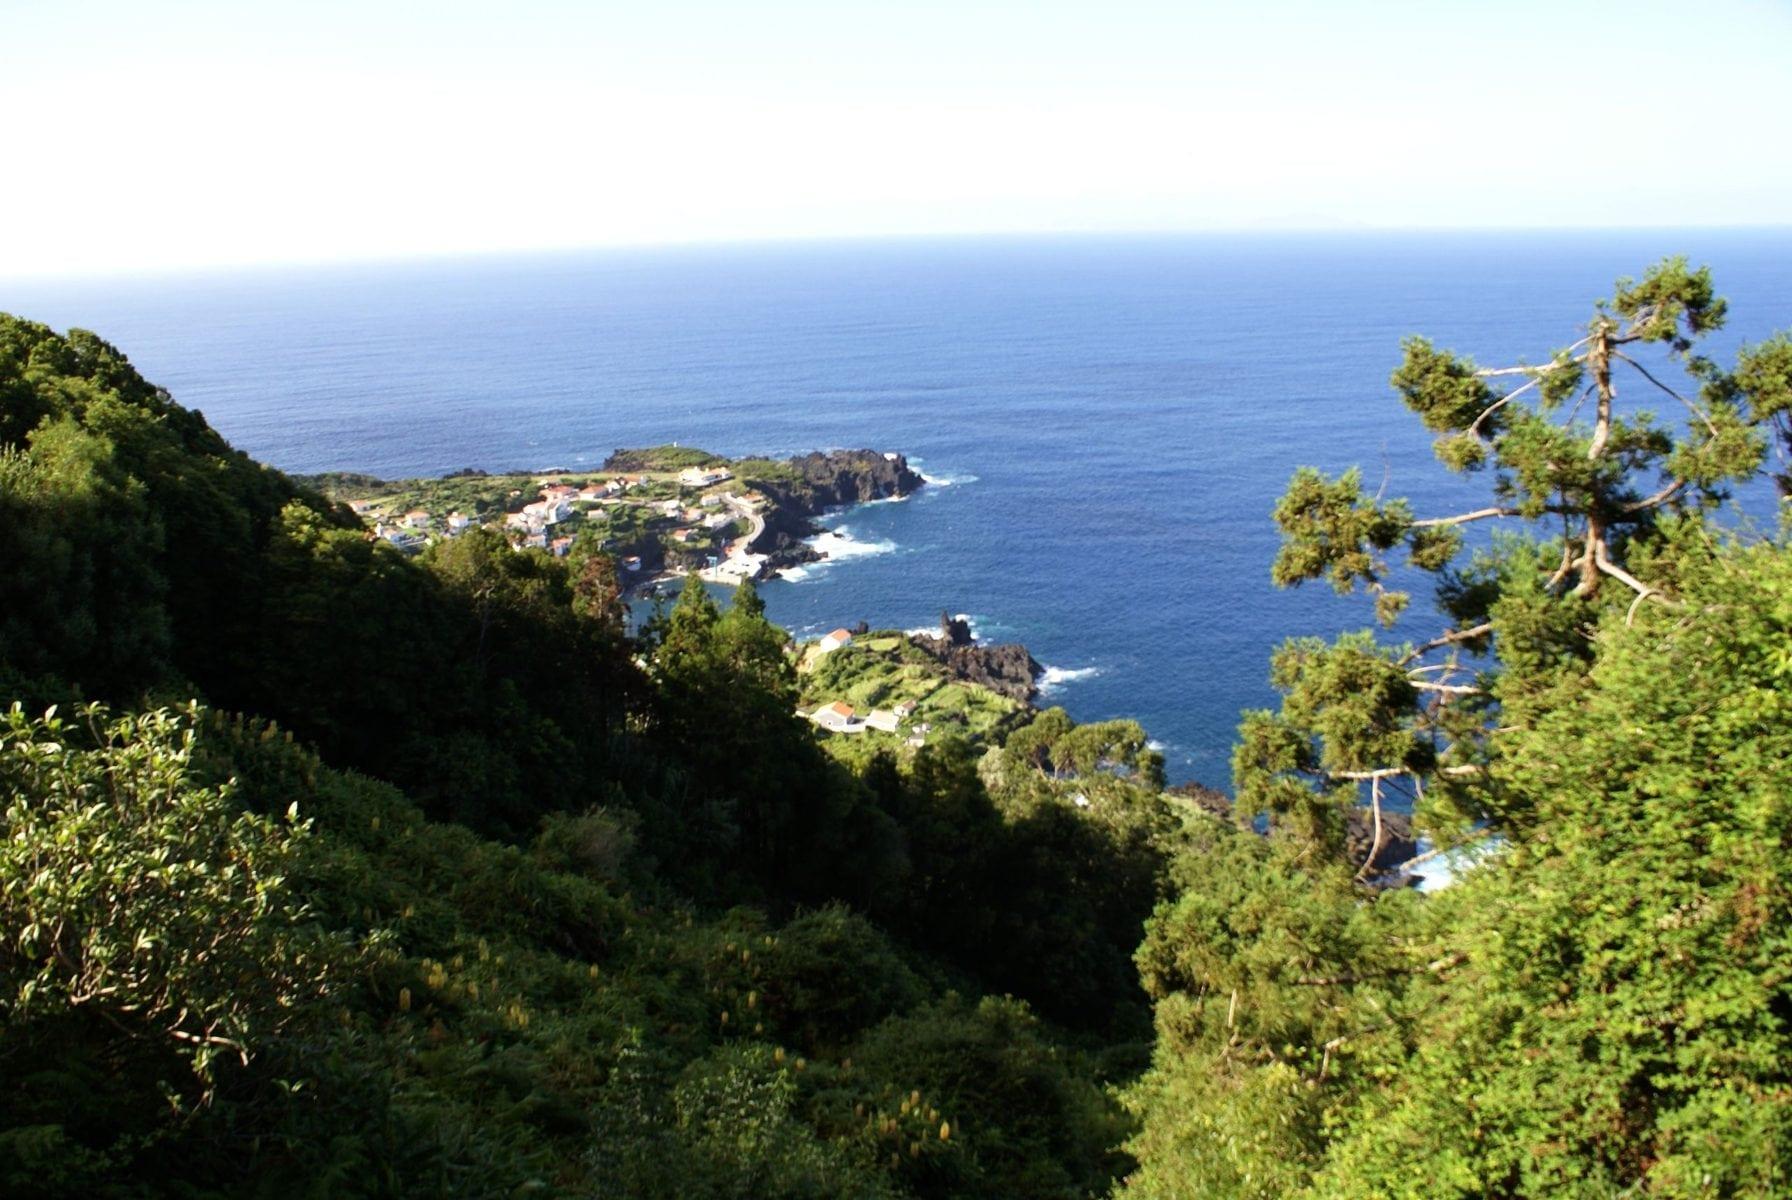 Fajã do Ouvidor - Ilha de São Jorge, Açores